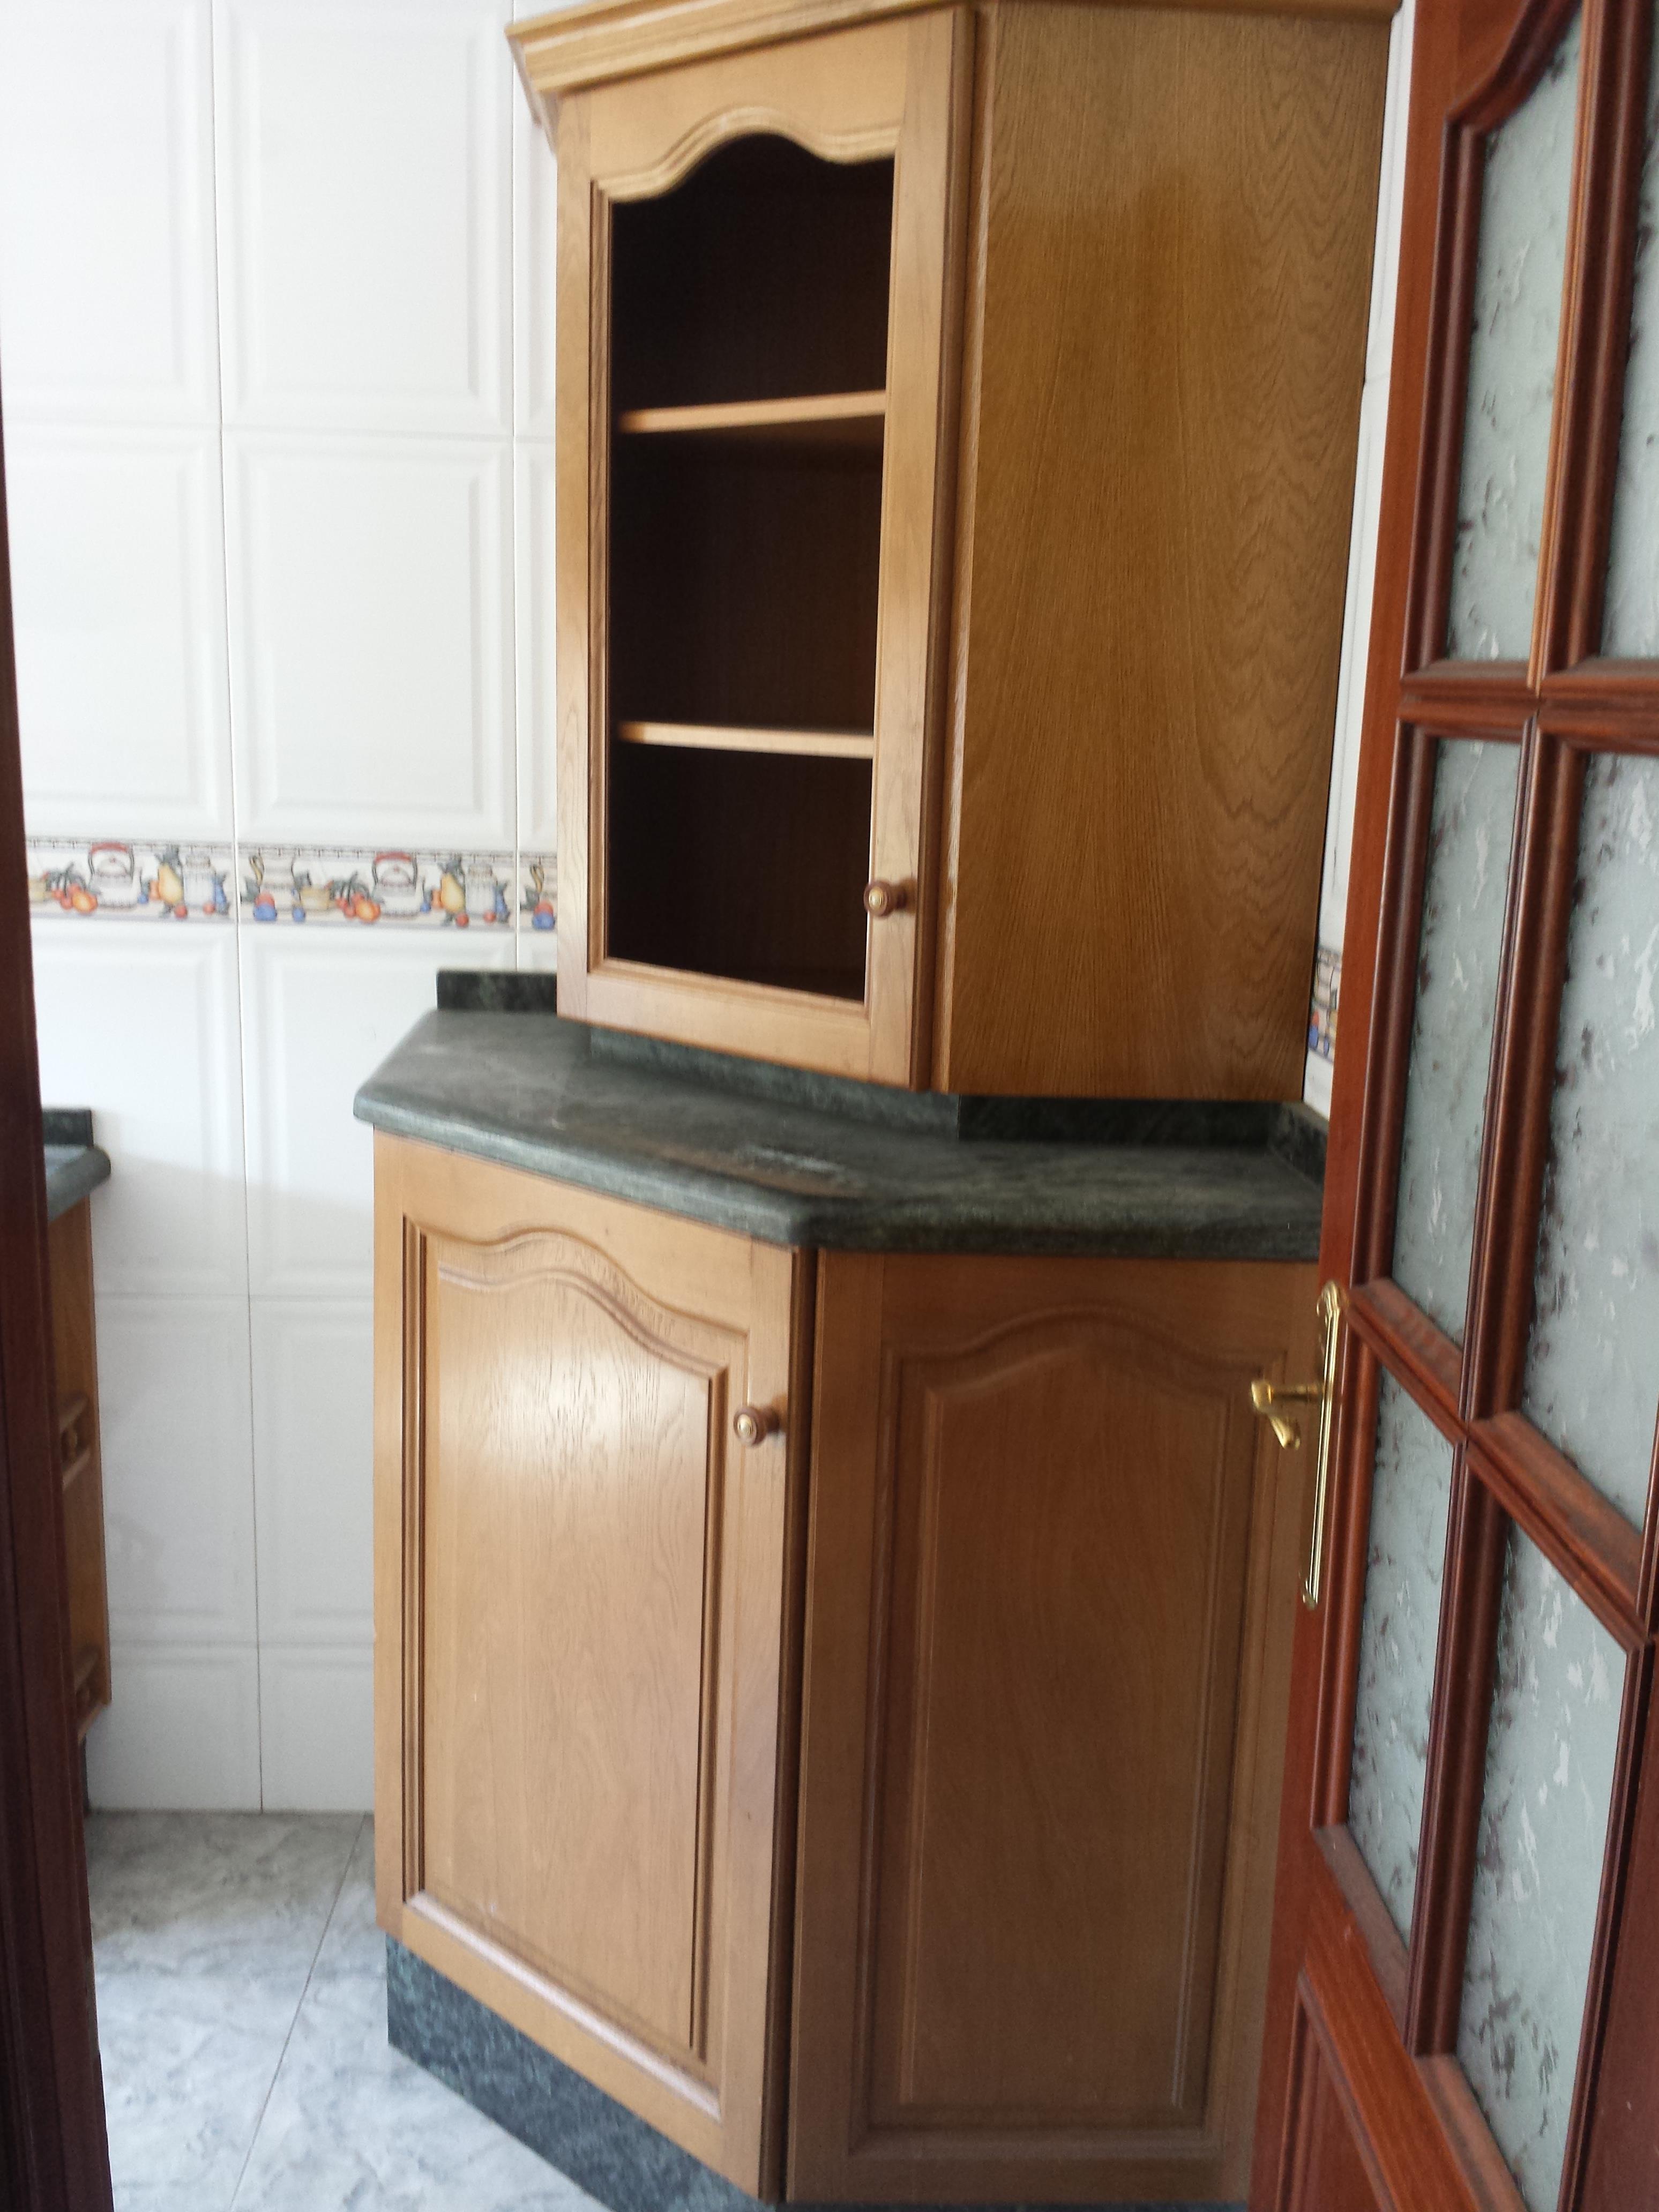 Piso en venta en Langreo, Asturias, Calle Maestro Lorenzo Medina, 31.000 €, 2 habitaciones, 1 baño, 82 m2